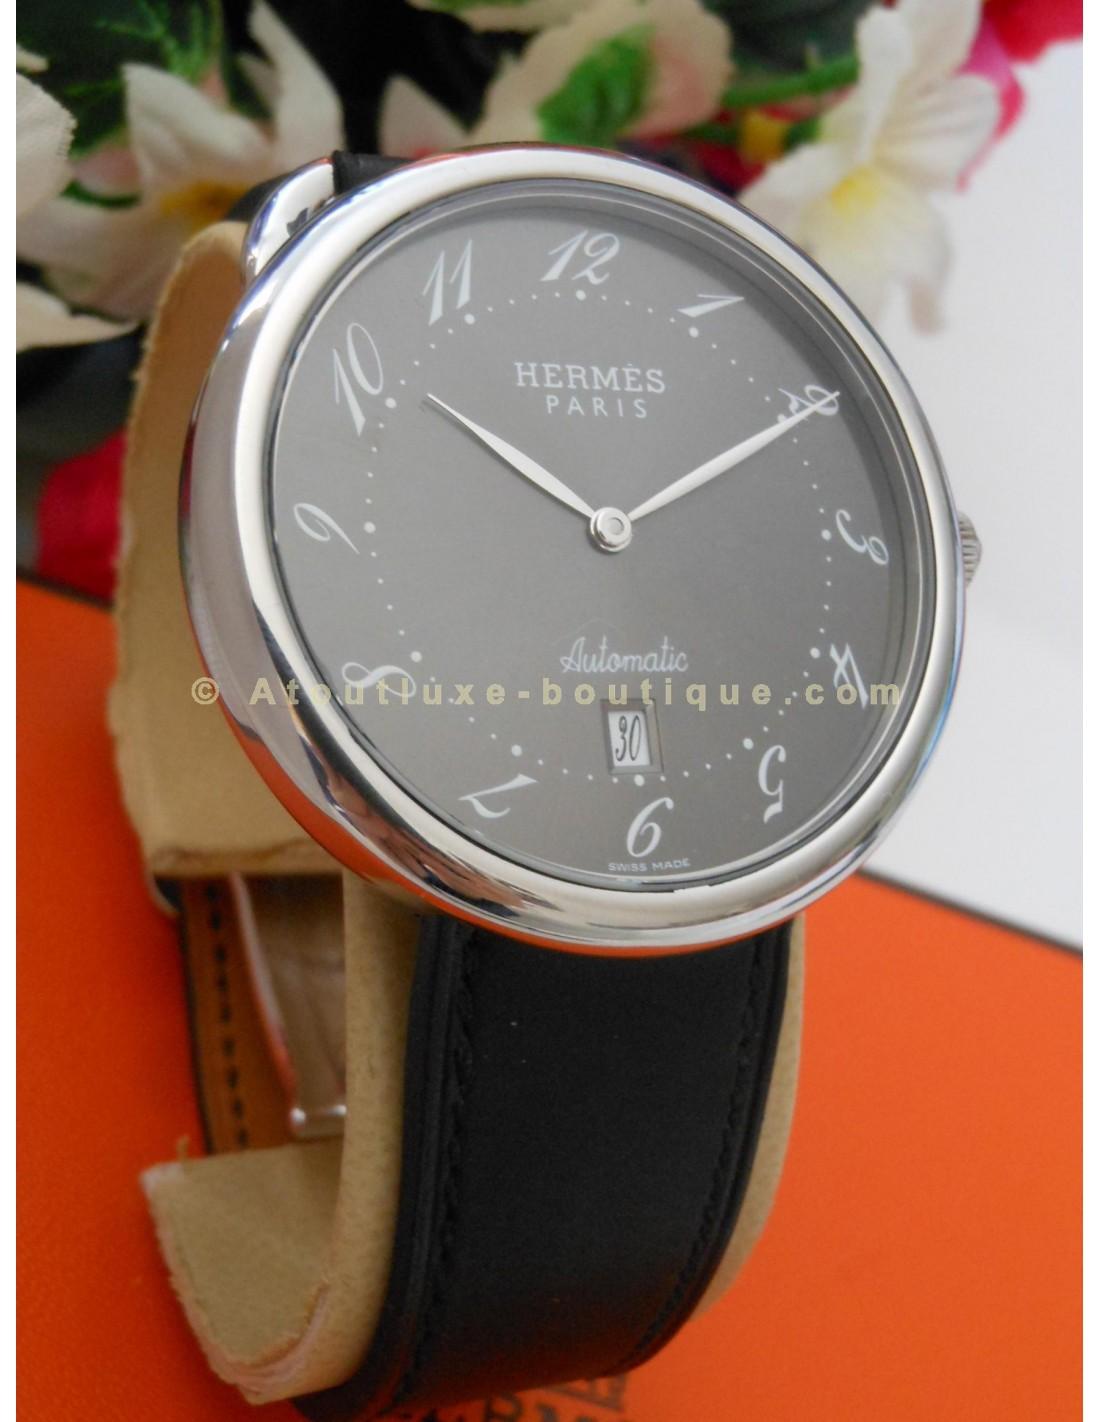 MONTRE HERMES ARCEAU AUTOMATIQUE - Atoutluxe Boutique 29609cae4aa